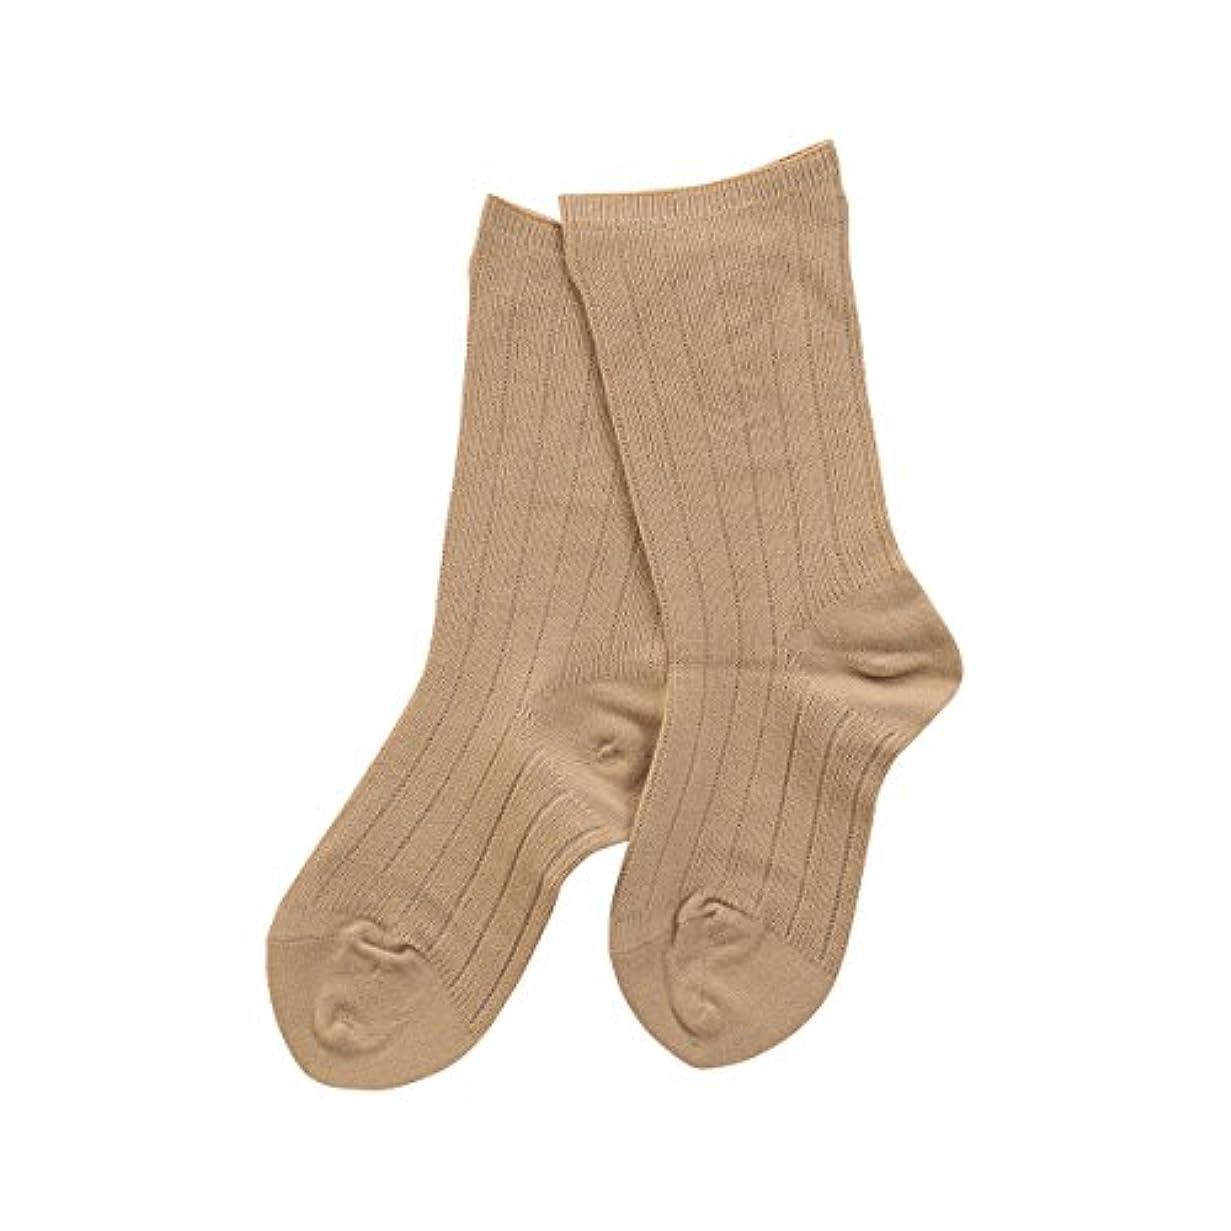 十一懲らしめ観察(コベス) KOBES ゴムなし 毛混 超ゆったり靴下 日本製 婦人靴下